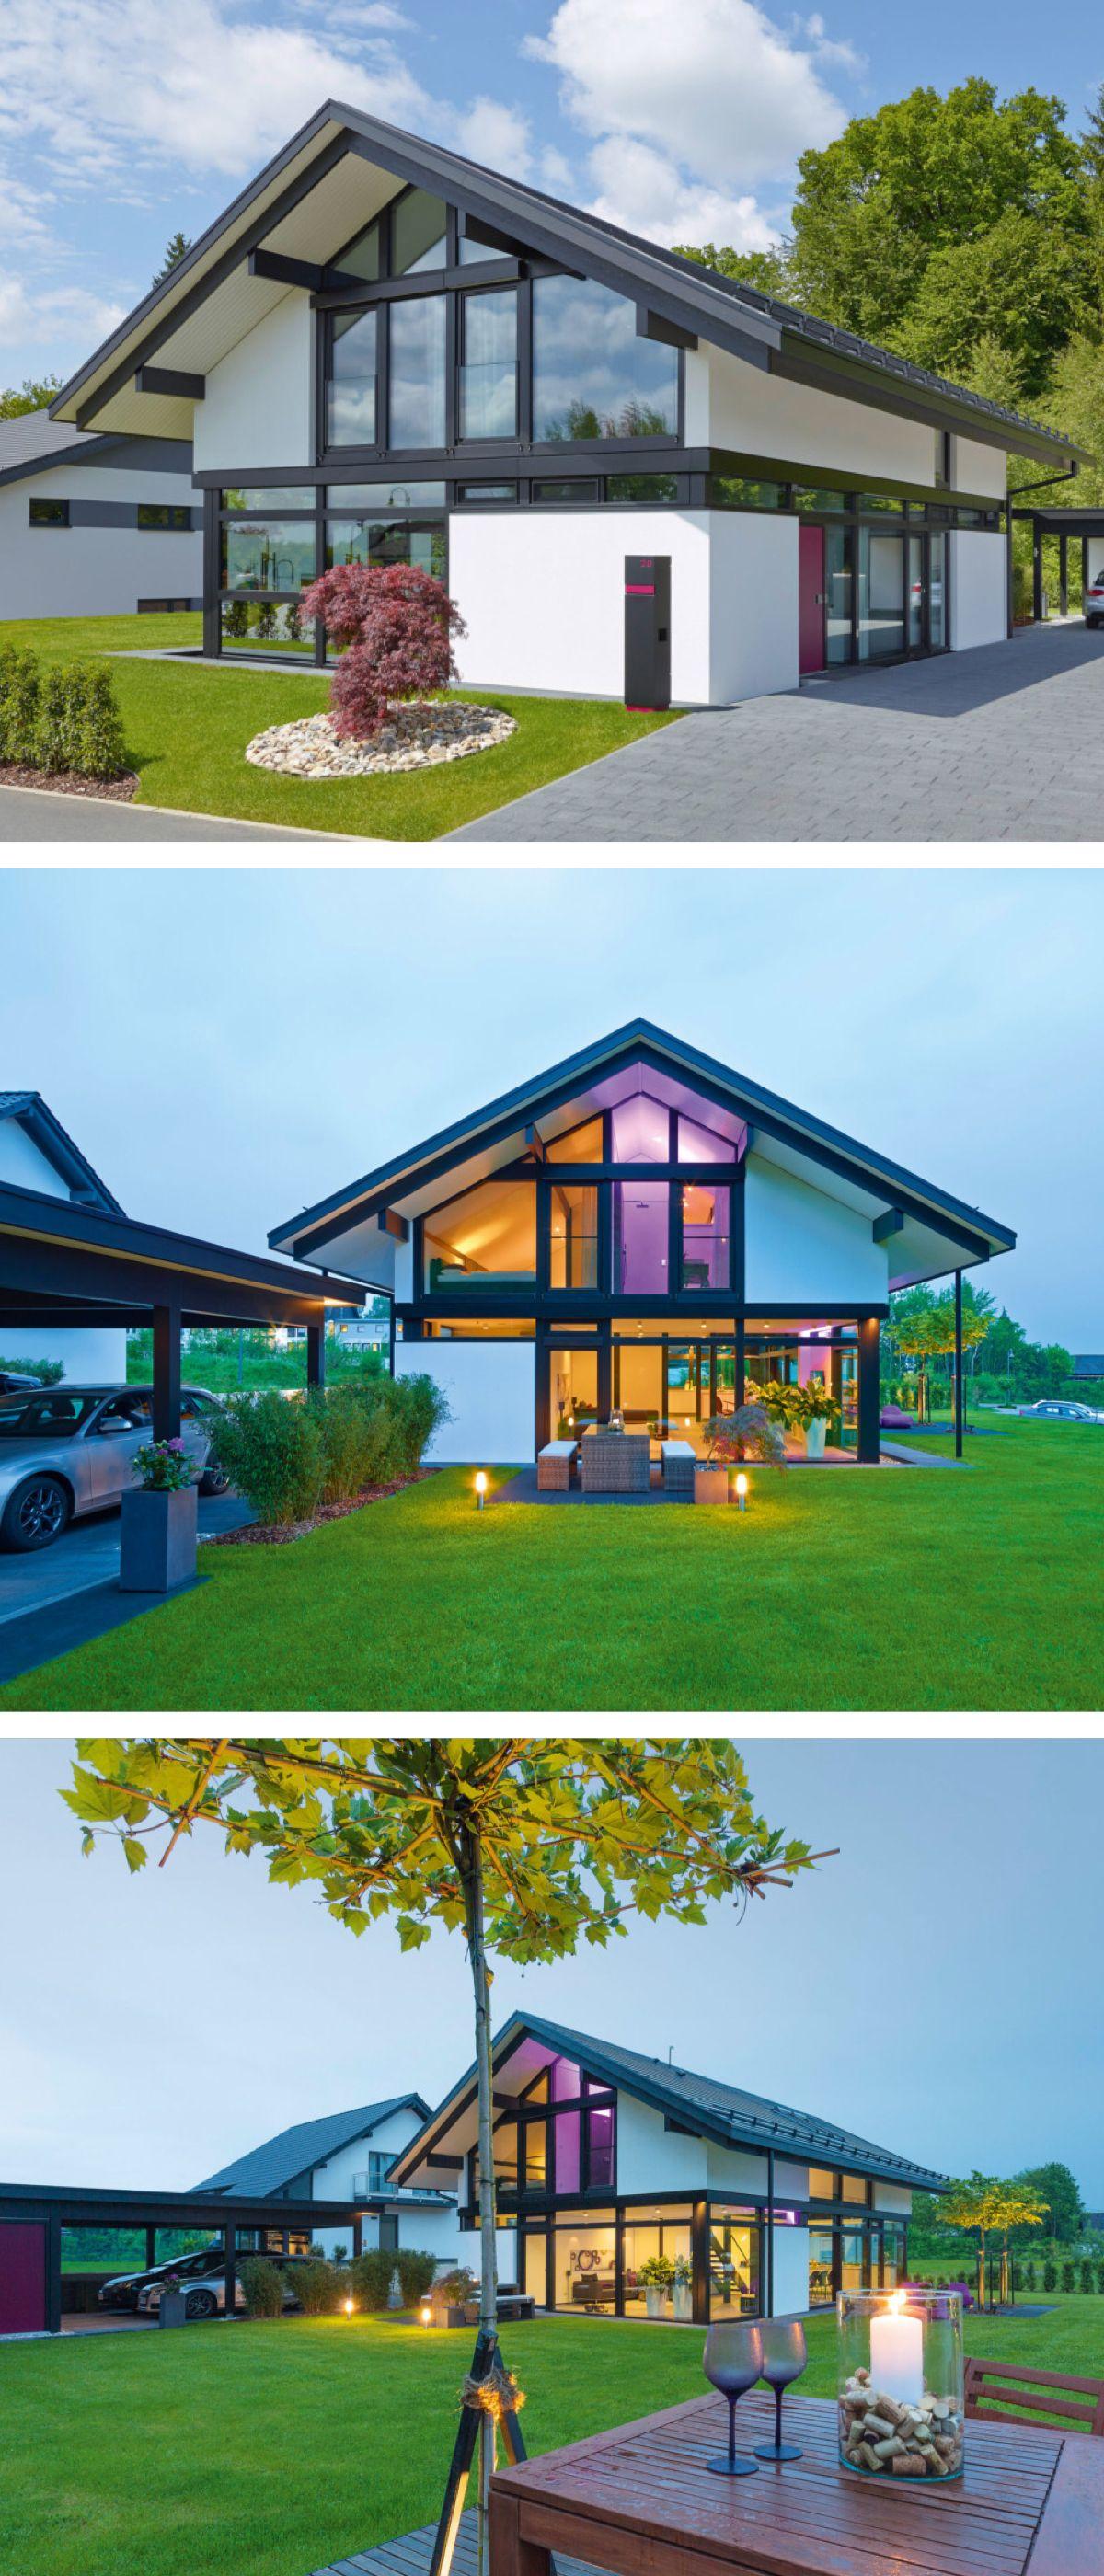 moderne fachwerk haus architektur mit satteldach holz glas fassade einfamilienhaus als fertighaus bauen